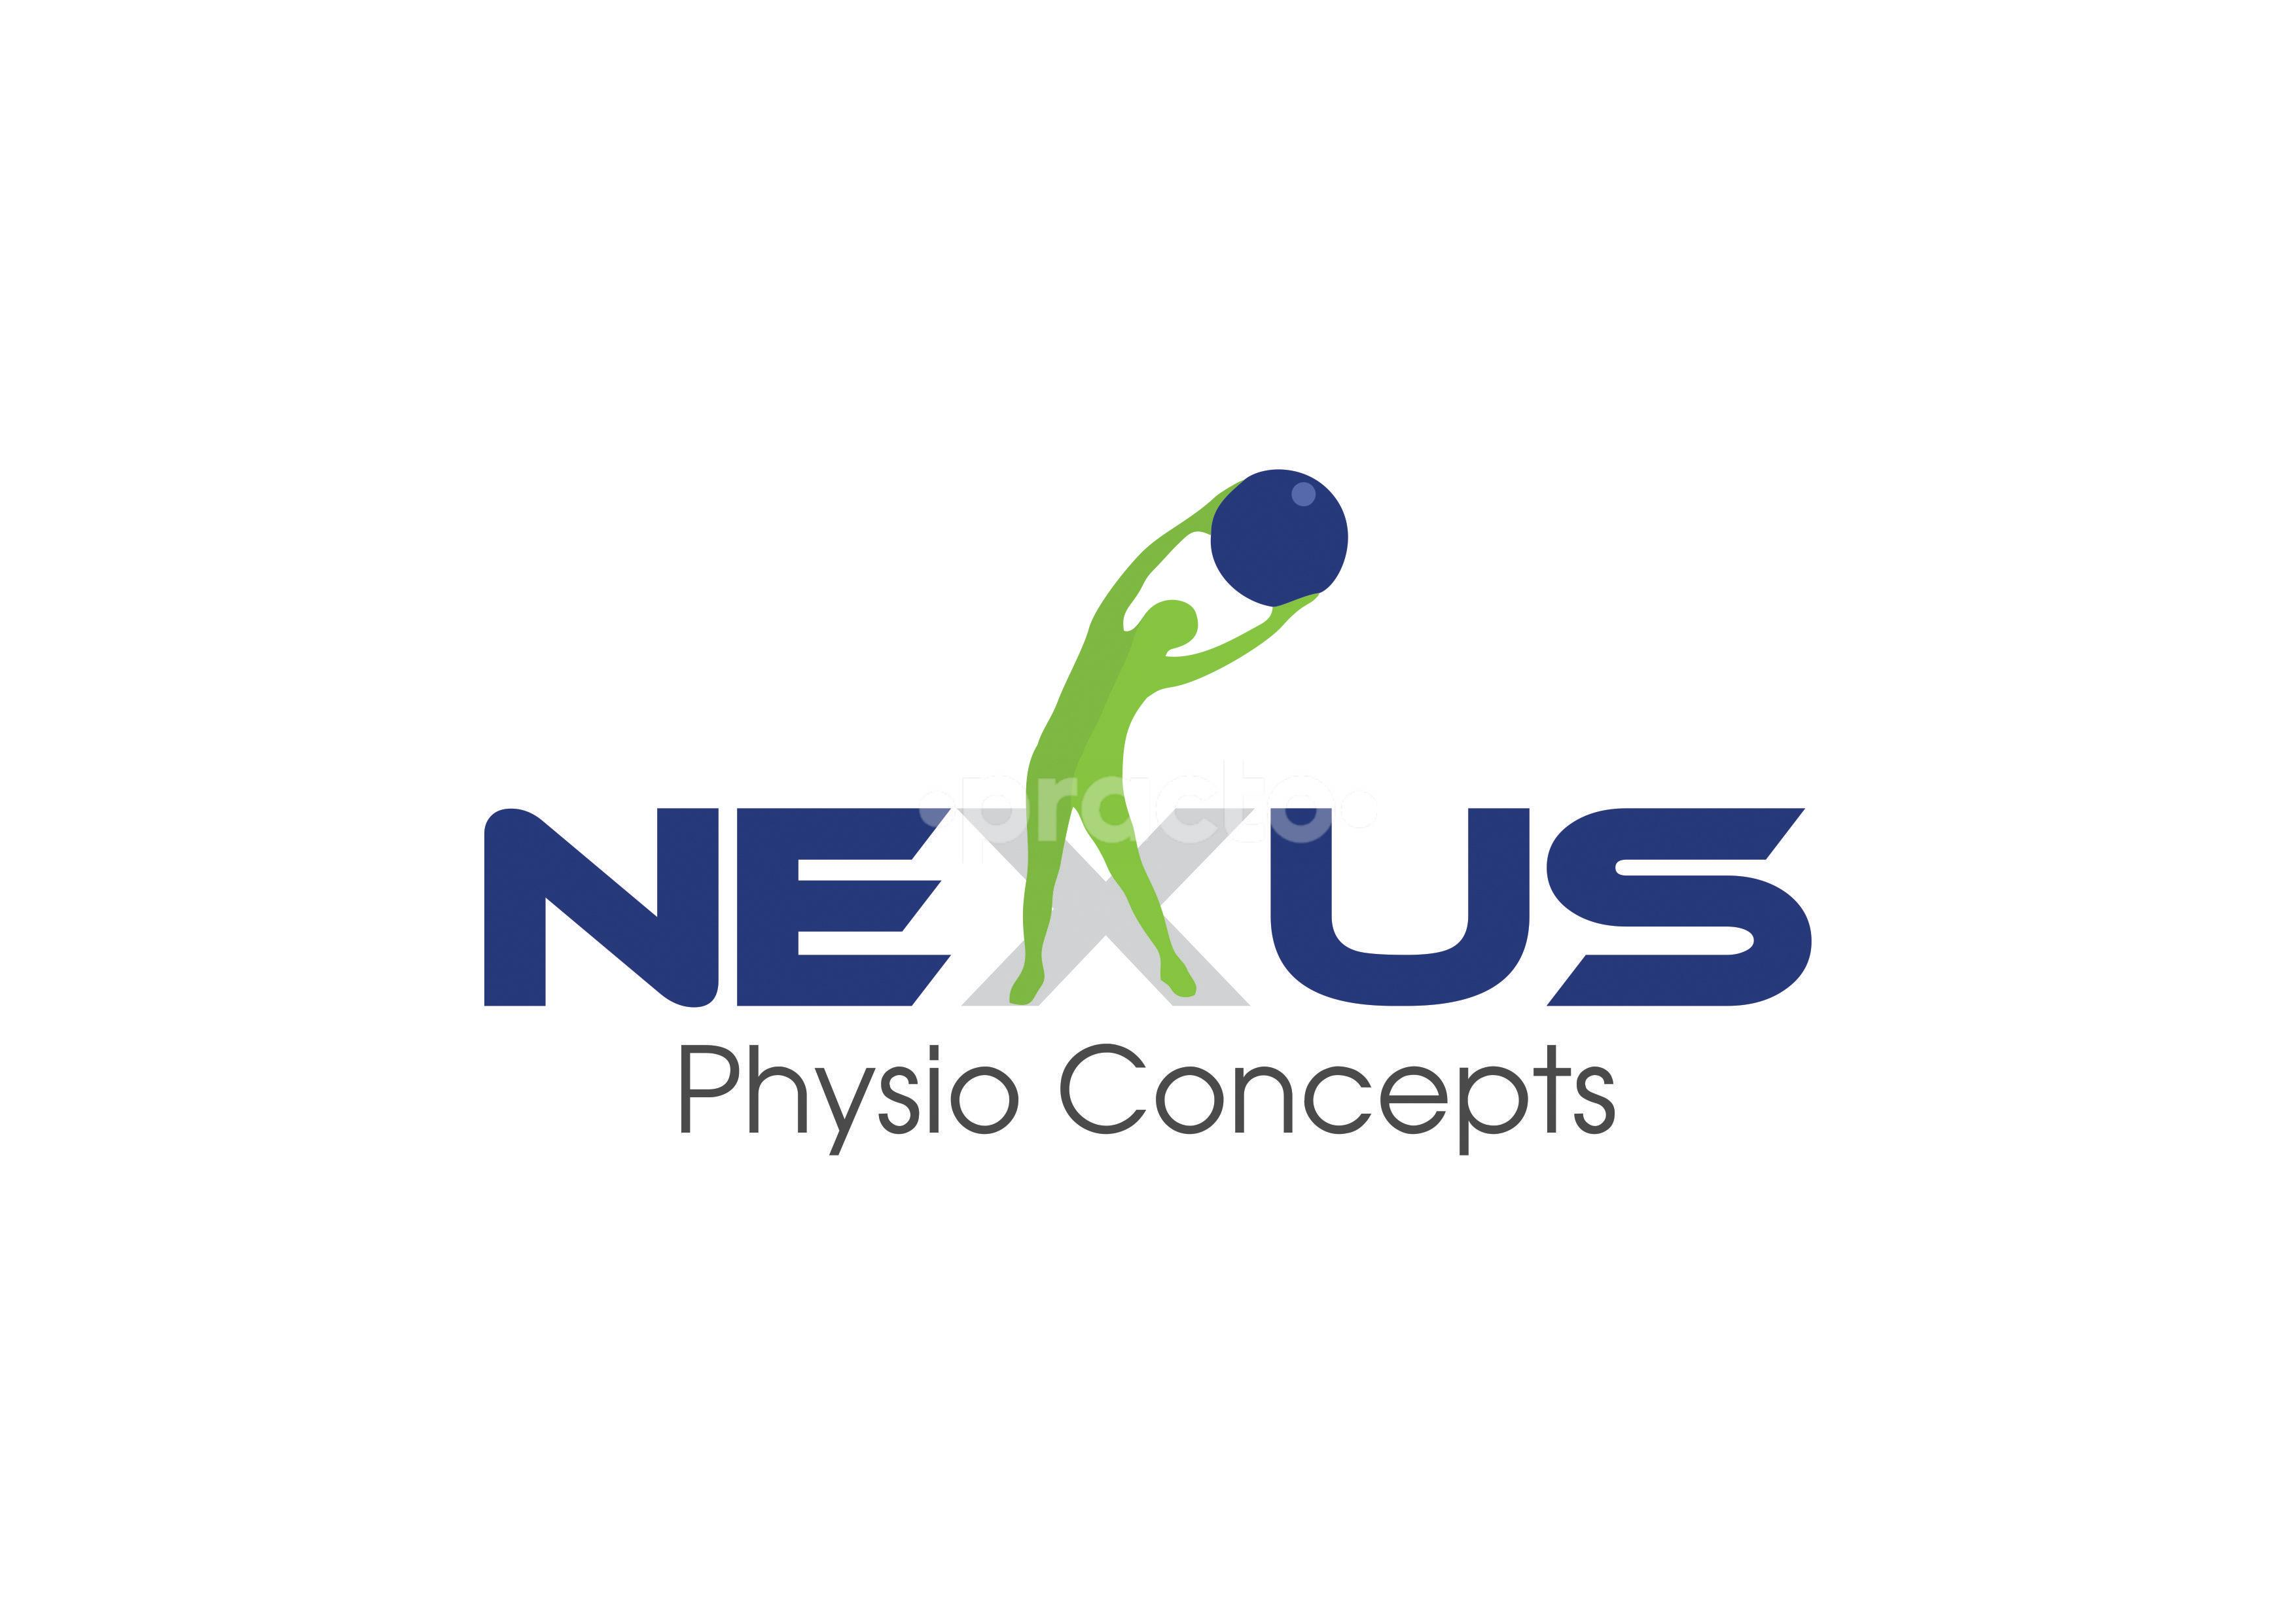 Nexus Physio Concepts